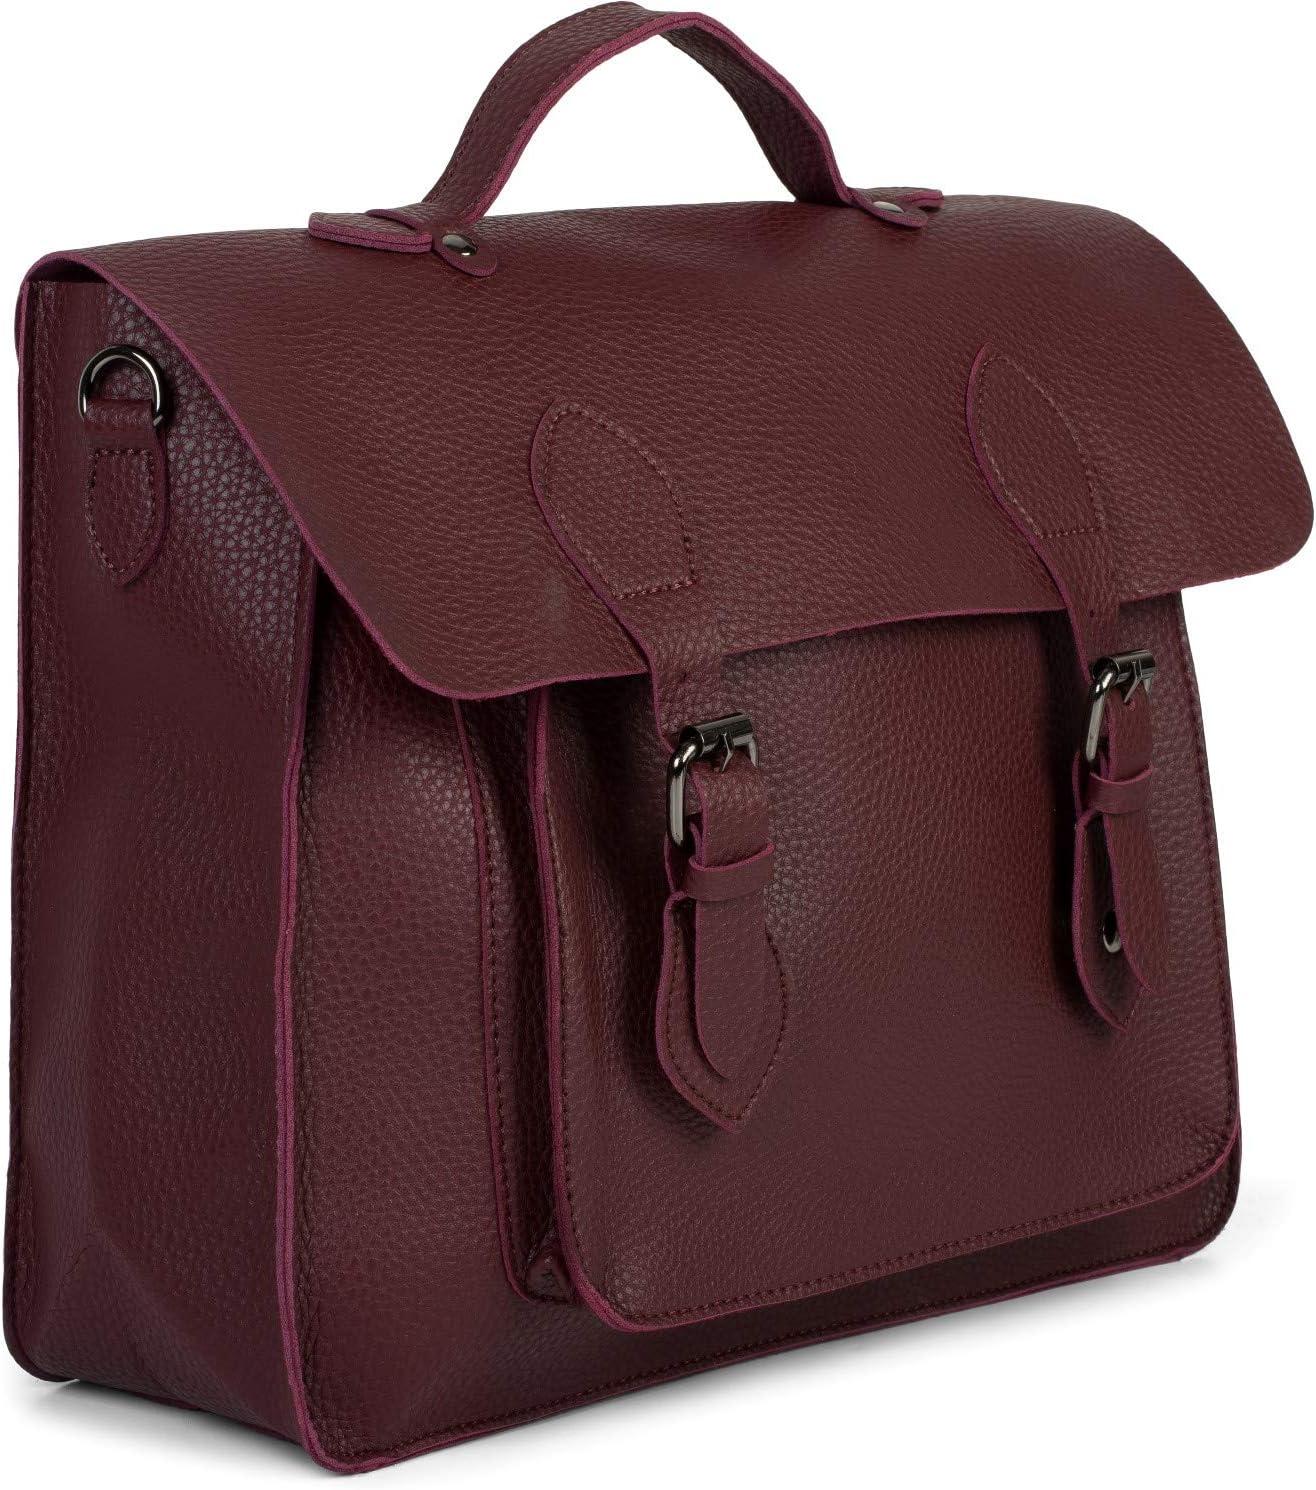 Aktentasche Farbe:Bordeaux-Violett Schultertasche Rucksack Unisex 02012312 styleBREAKER Multifunktion Messenger Bag Umh/ängetasche mit Schnallen